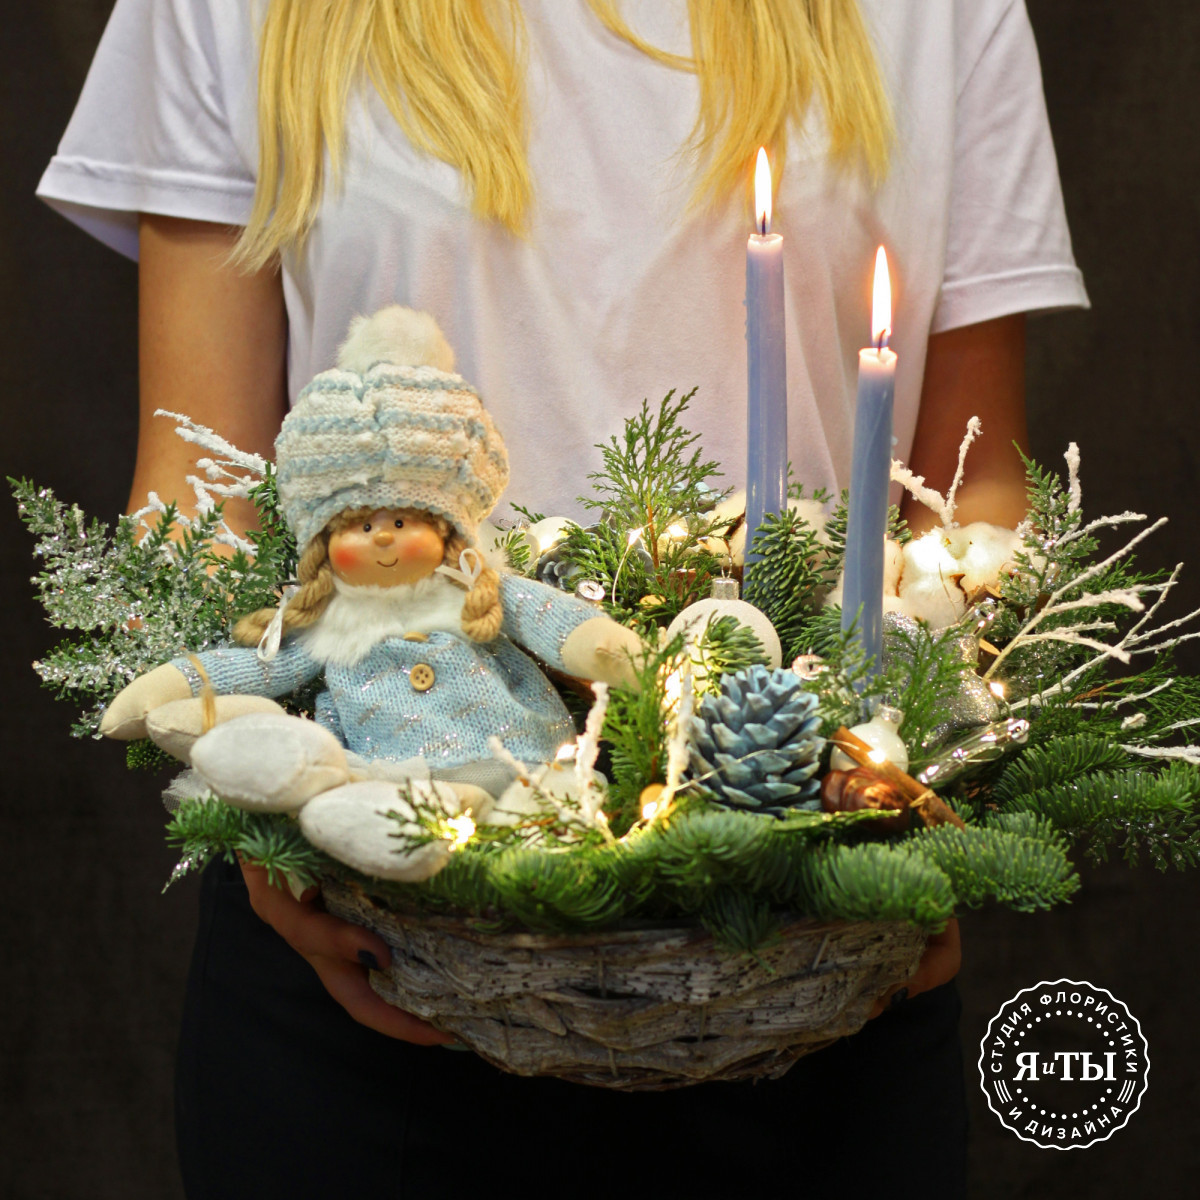 Бело-голубая композиция с мягкой куклой и свечами